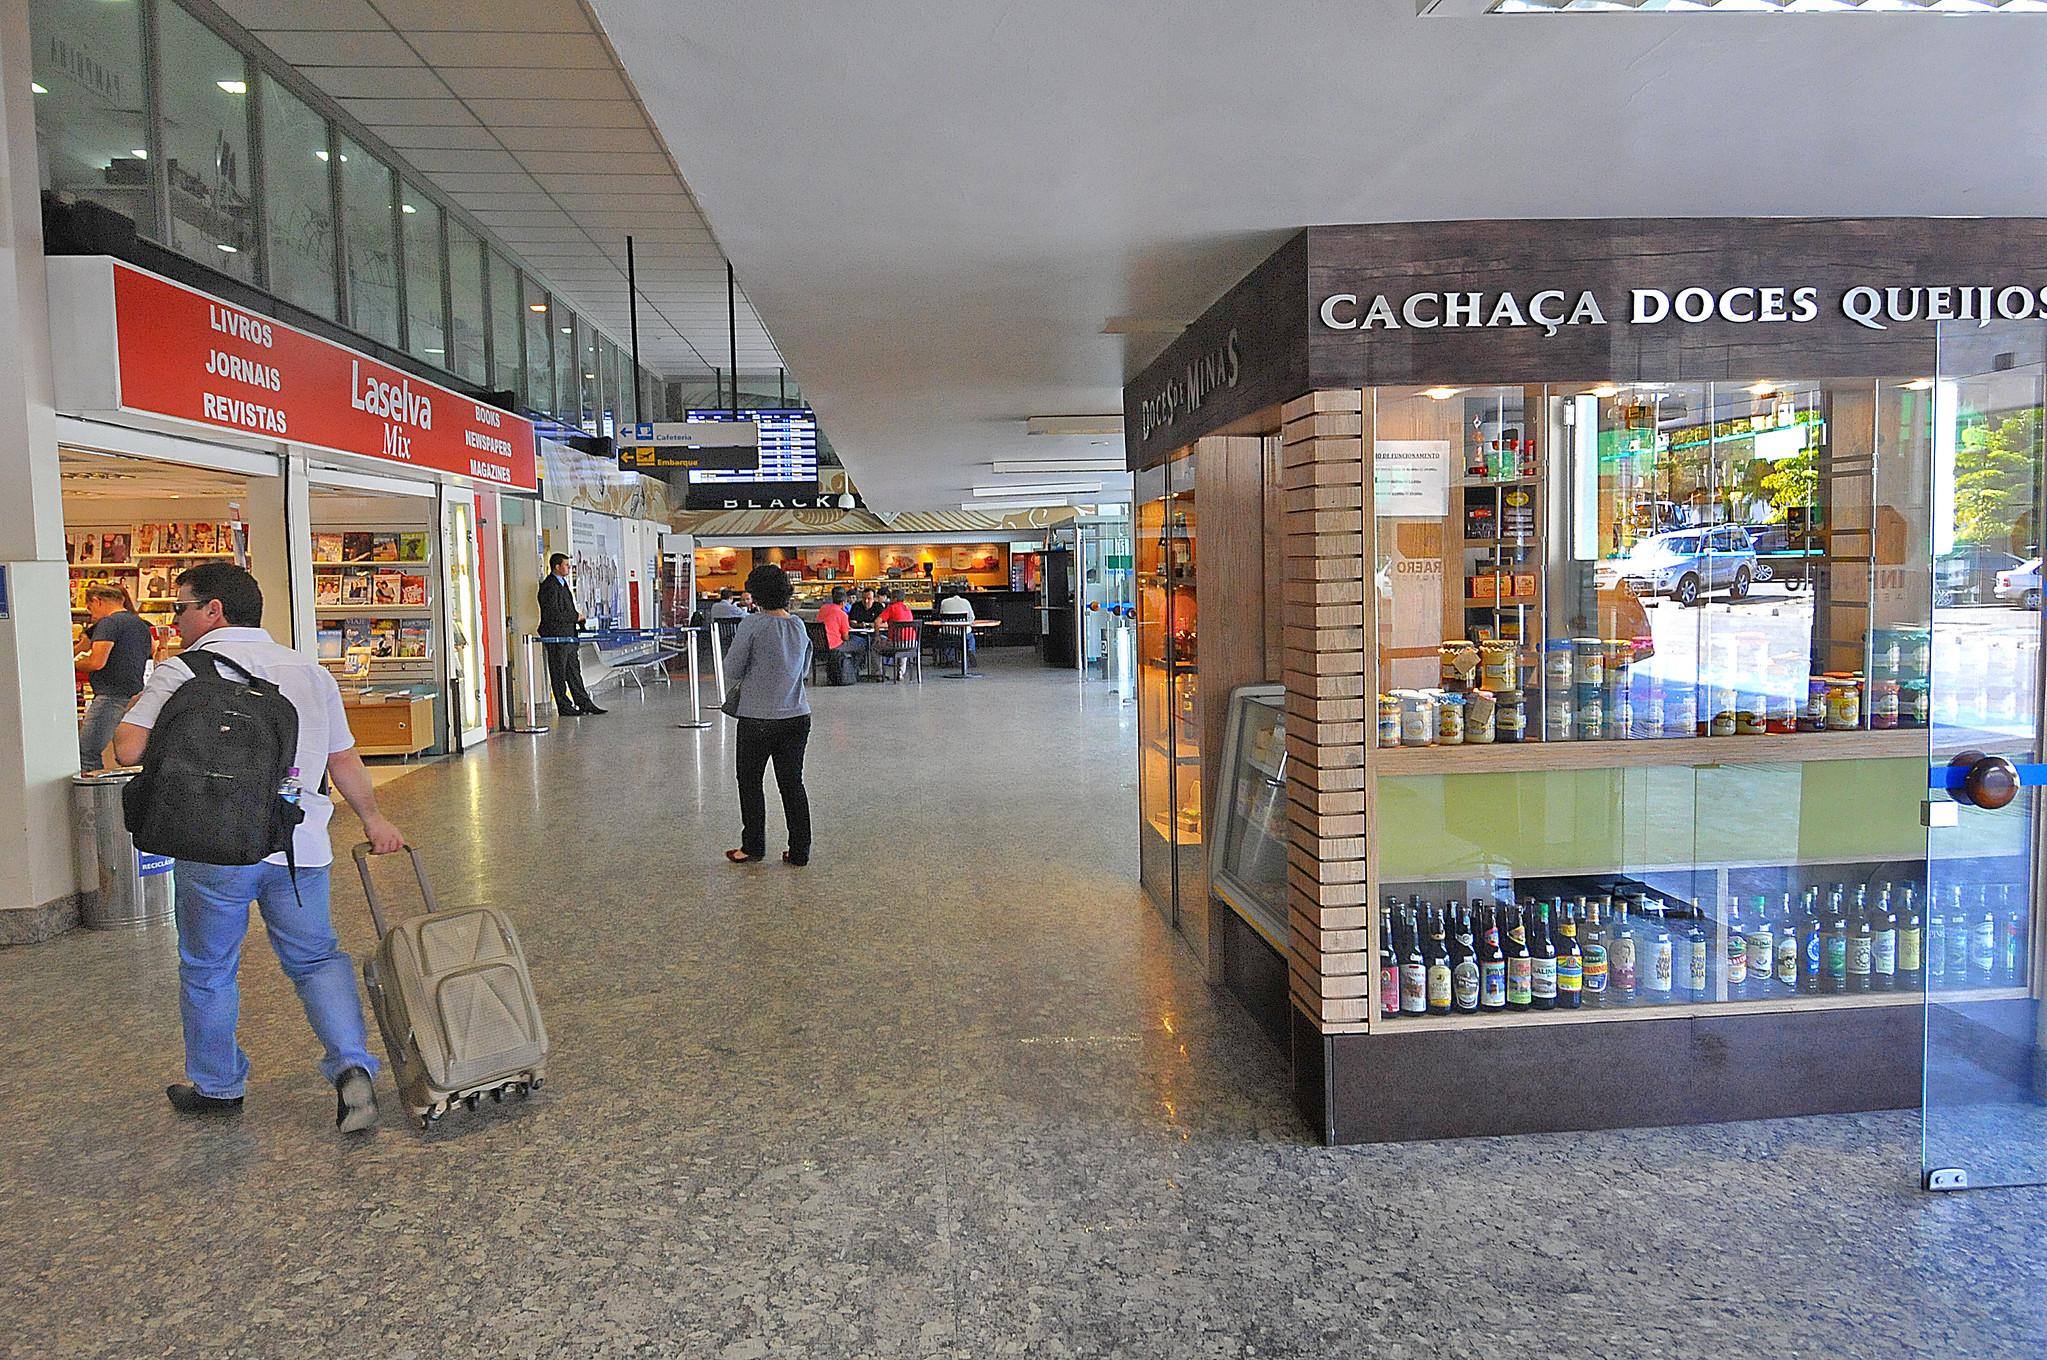 Pagina 1 - Aeroporto da Pampulha - Divino Advincula (27)